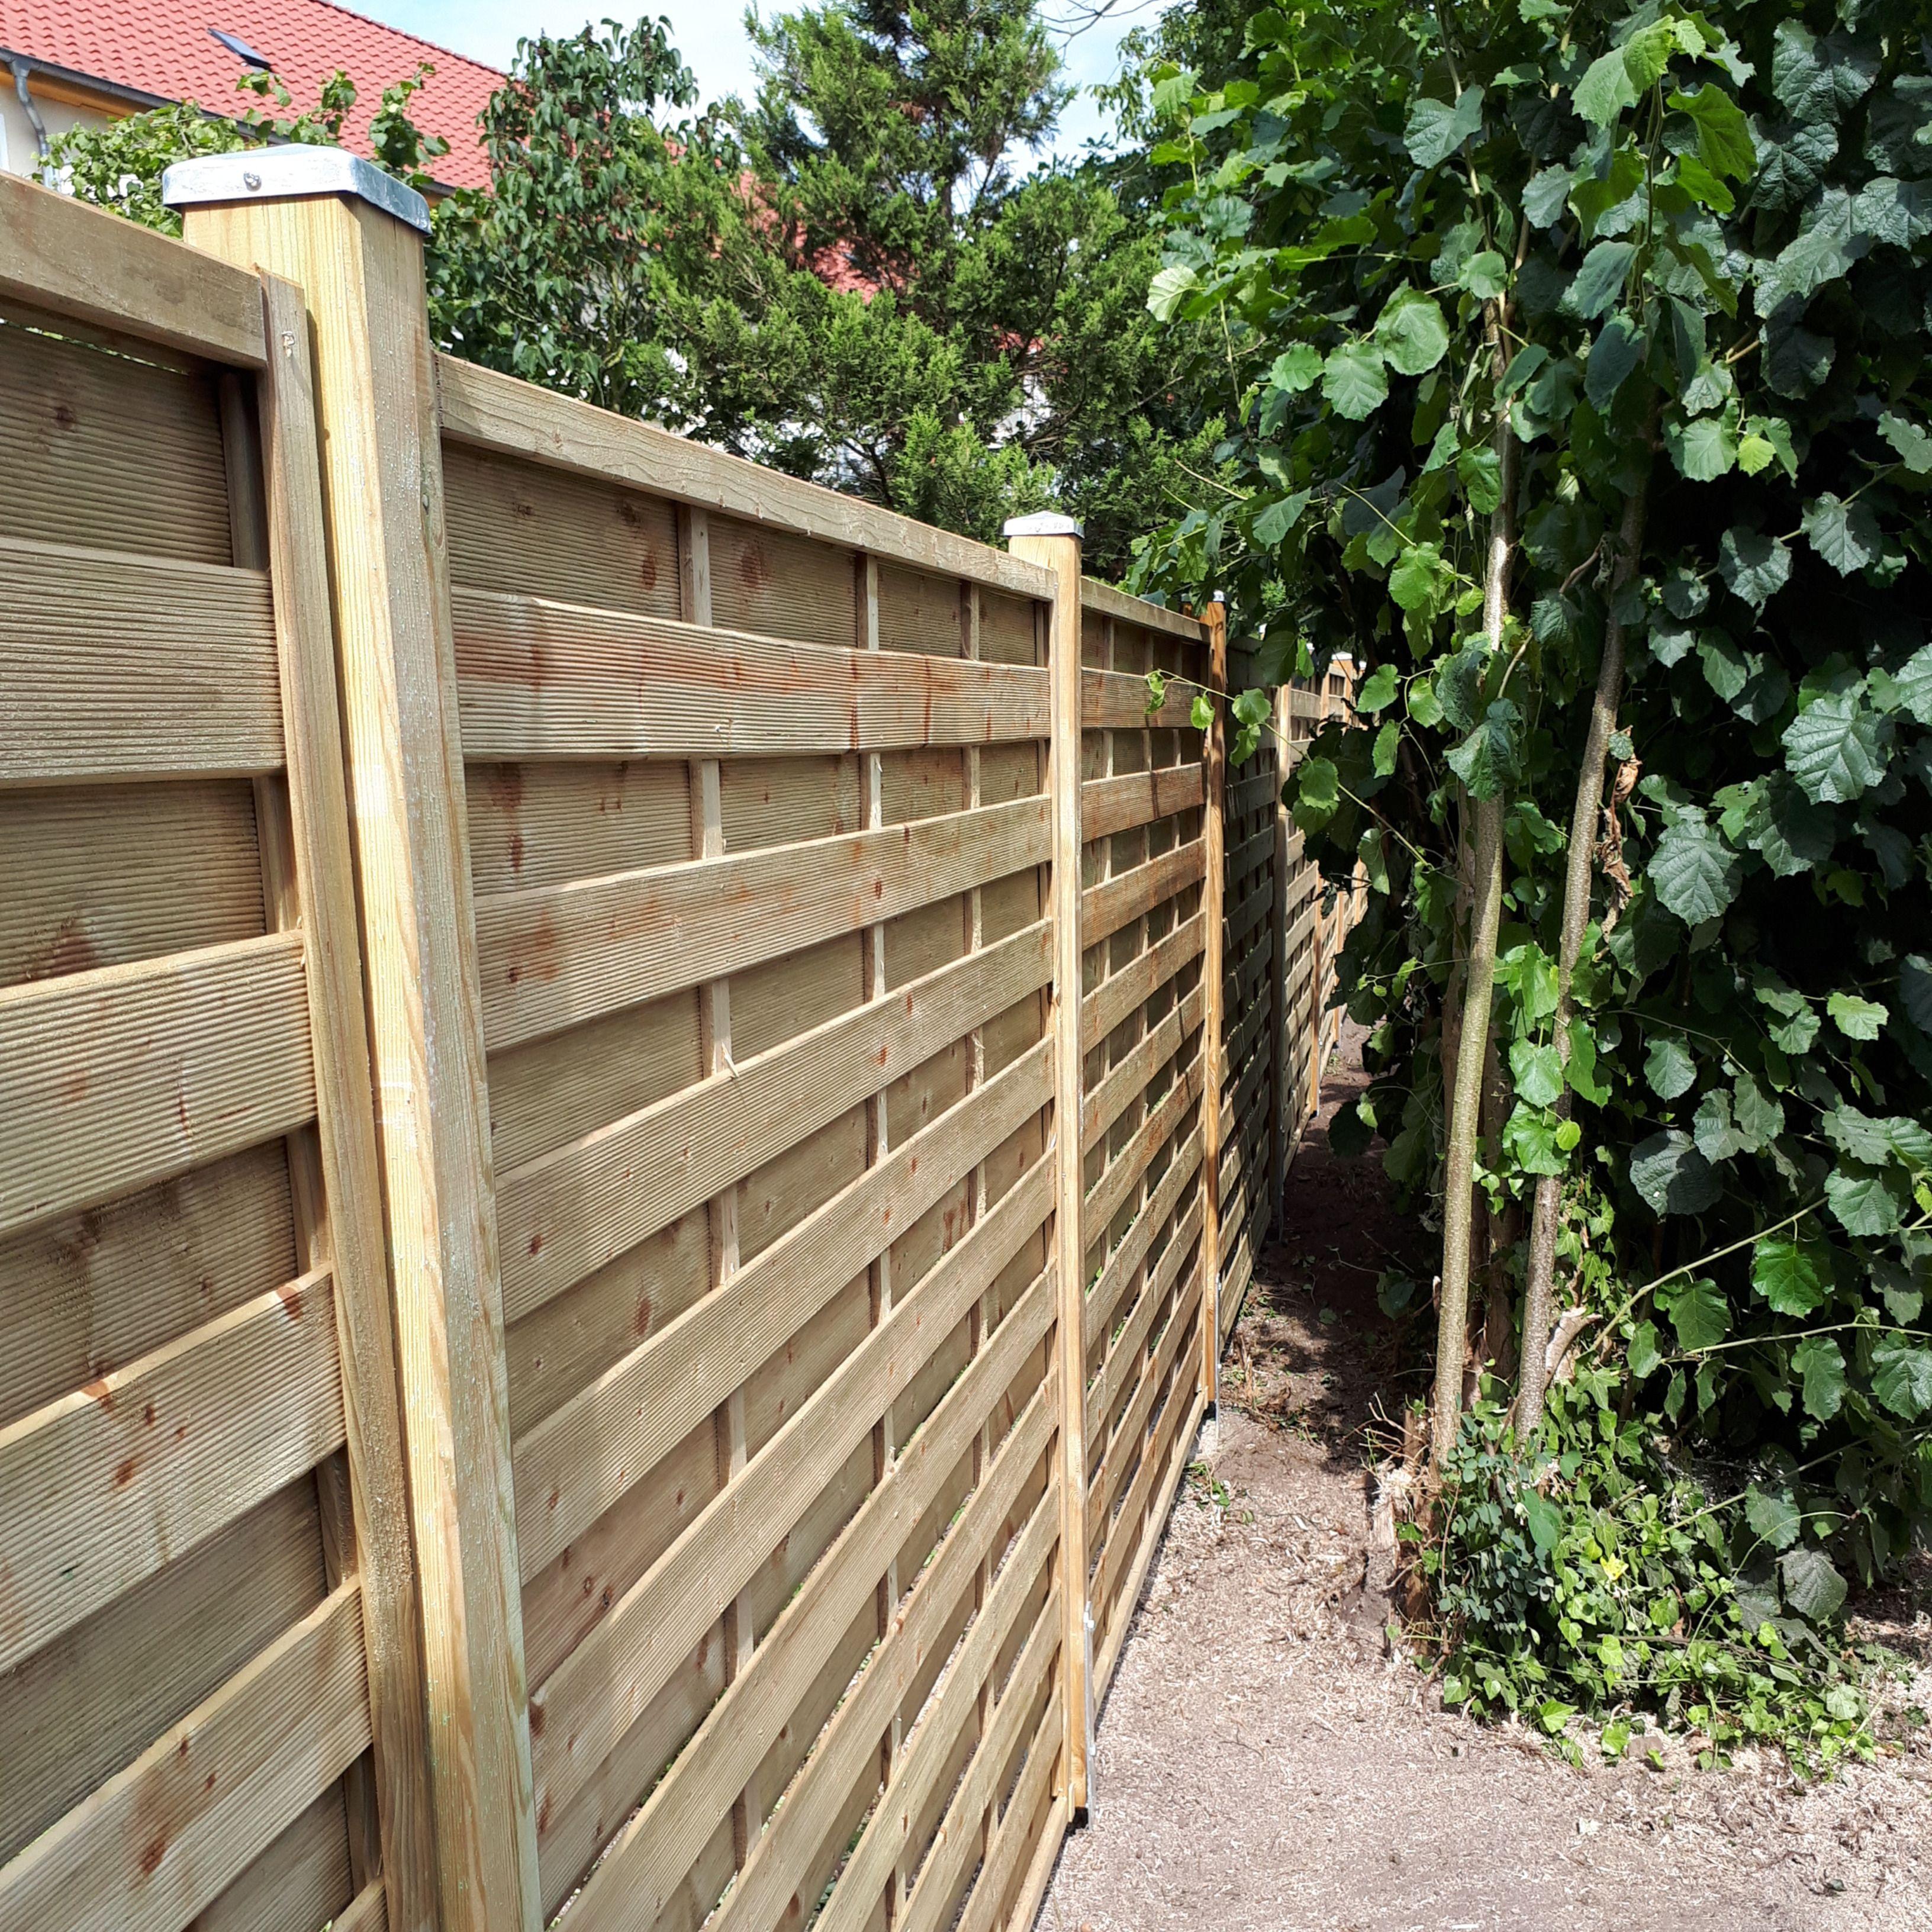 Bau Eines Sichtschutzzaunes Aus Holz Inkl Freischneiden Der